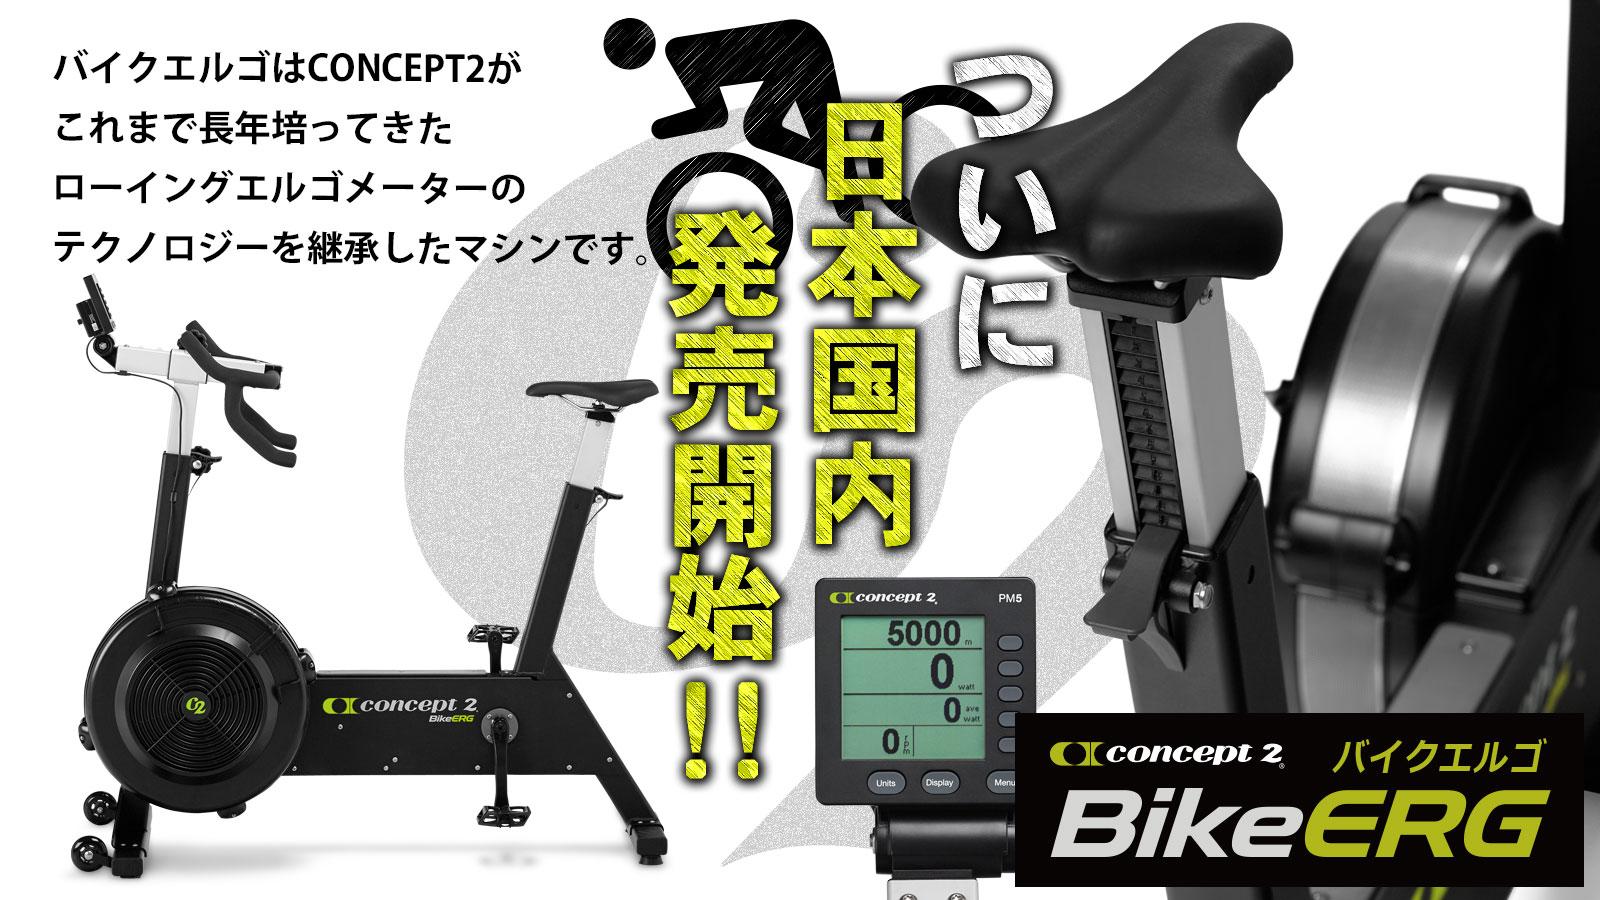 コンセプト2バイクエルゴconcept2BikeErg